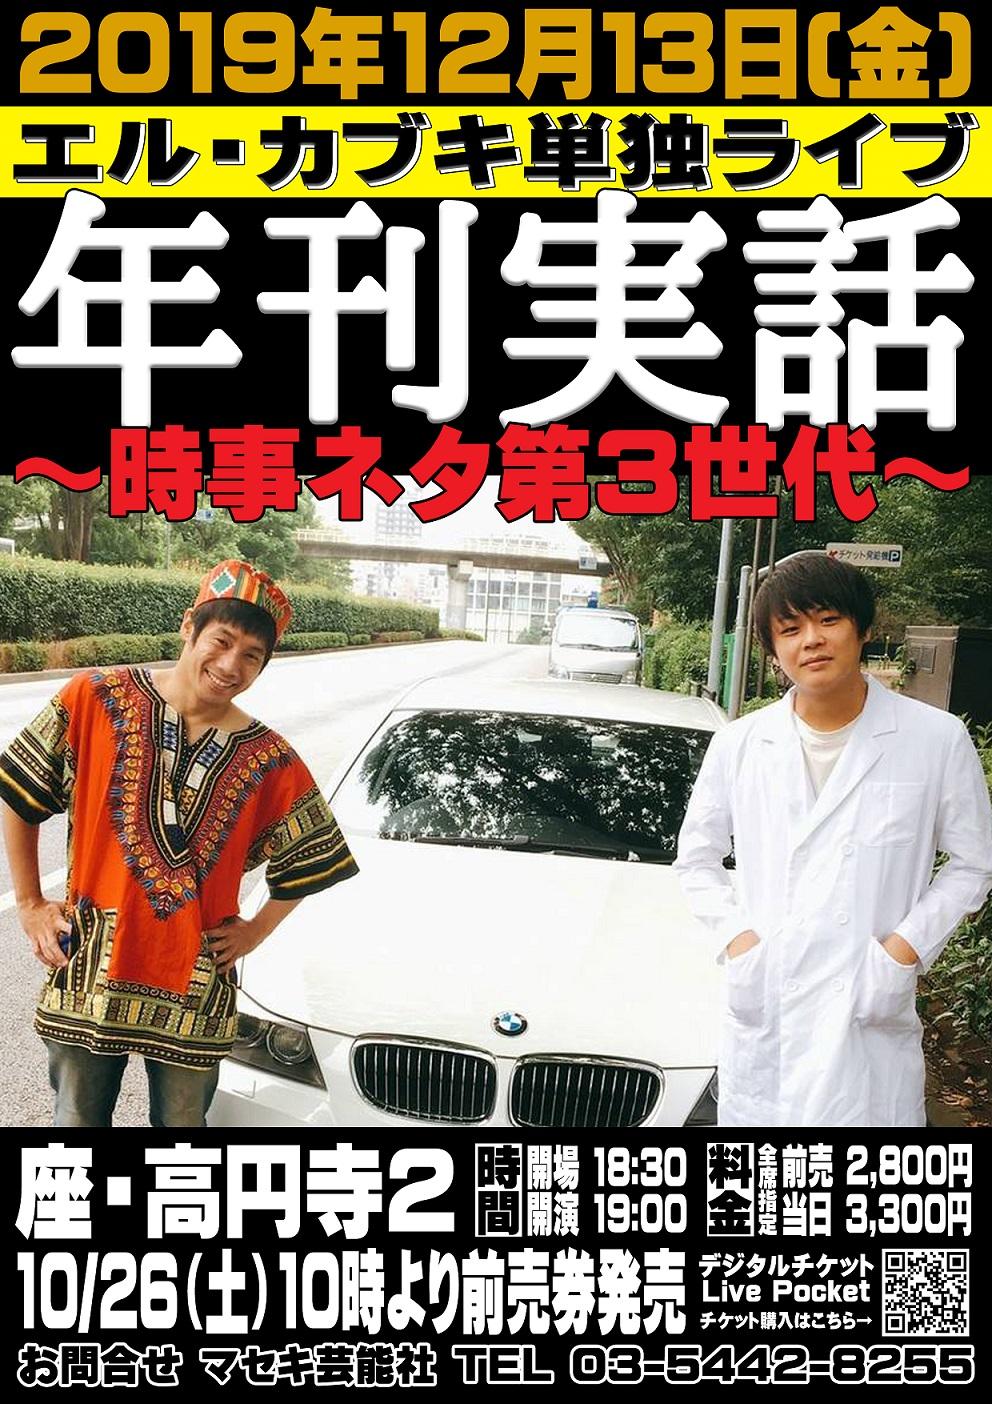 エル・カブキ単独ライブ「年刊実話~時事ネタ第3世代~」